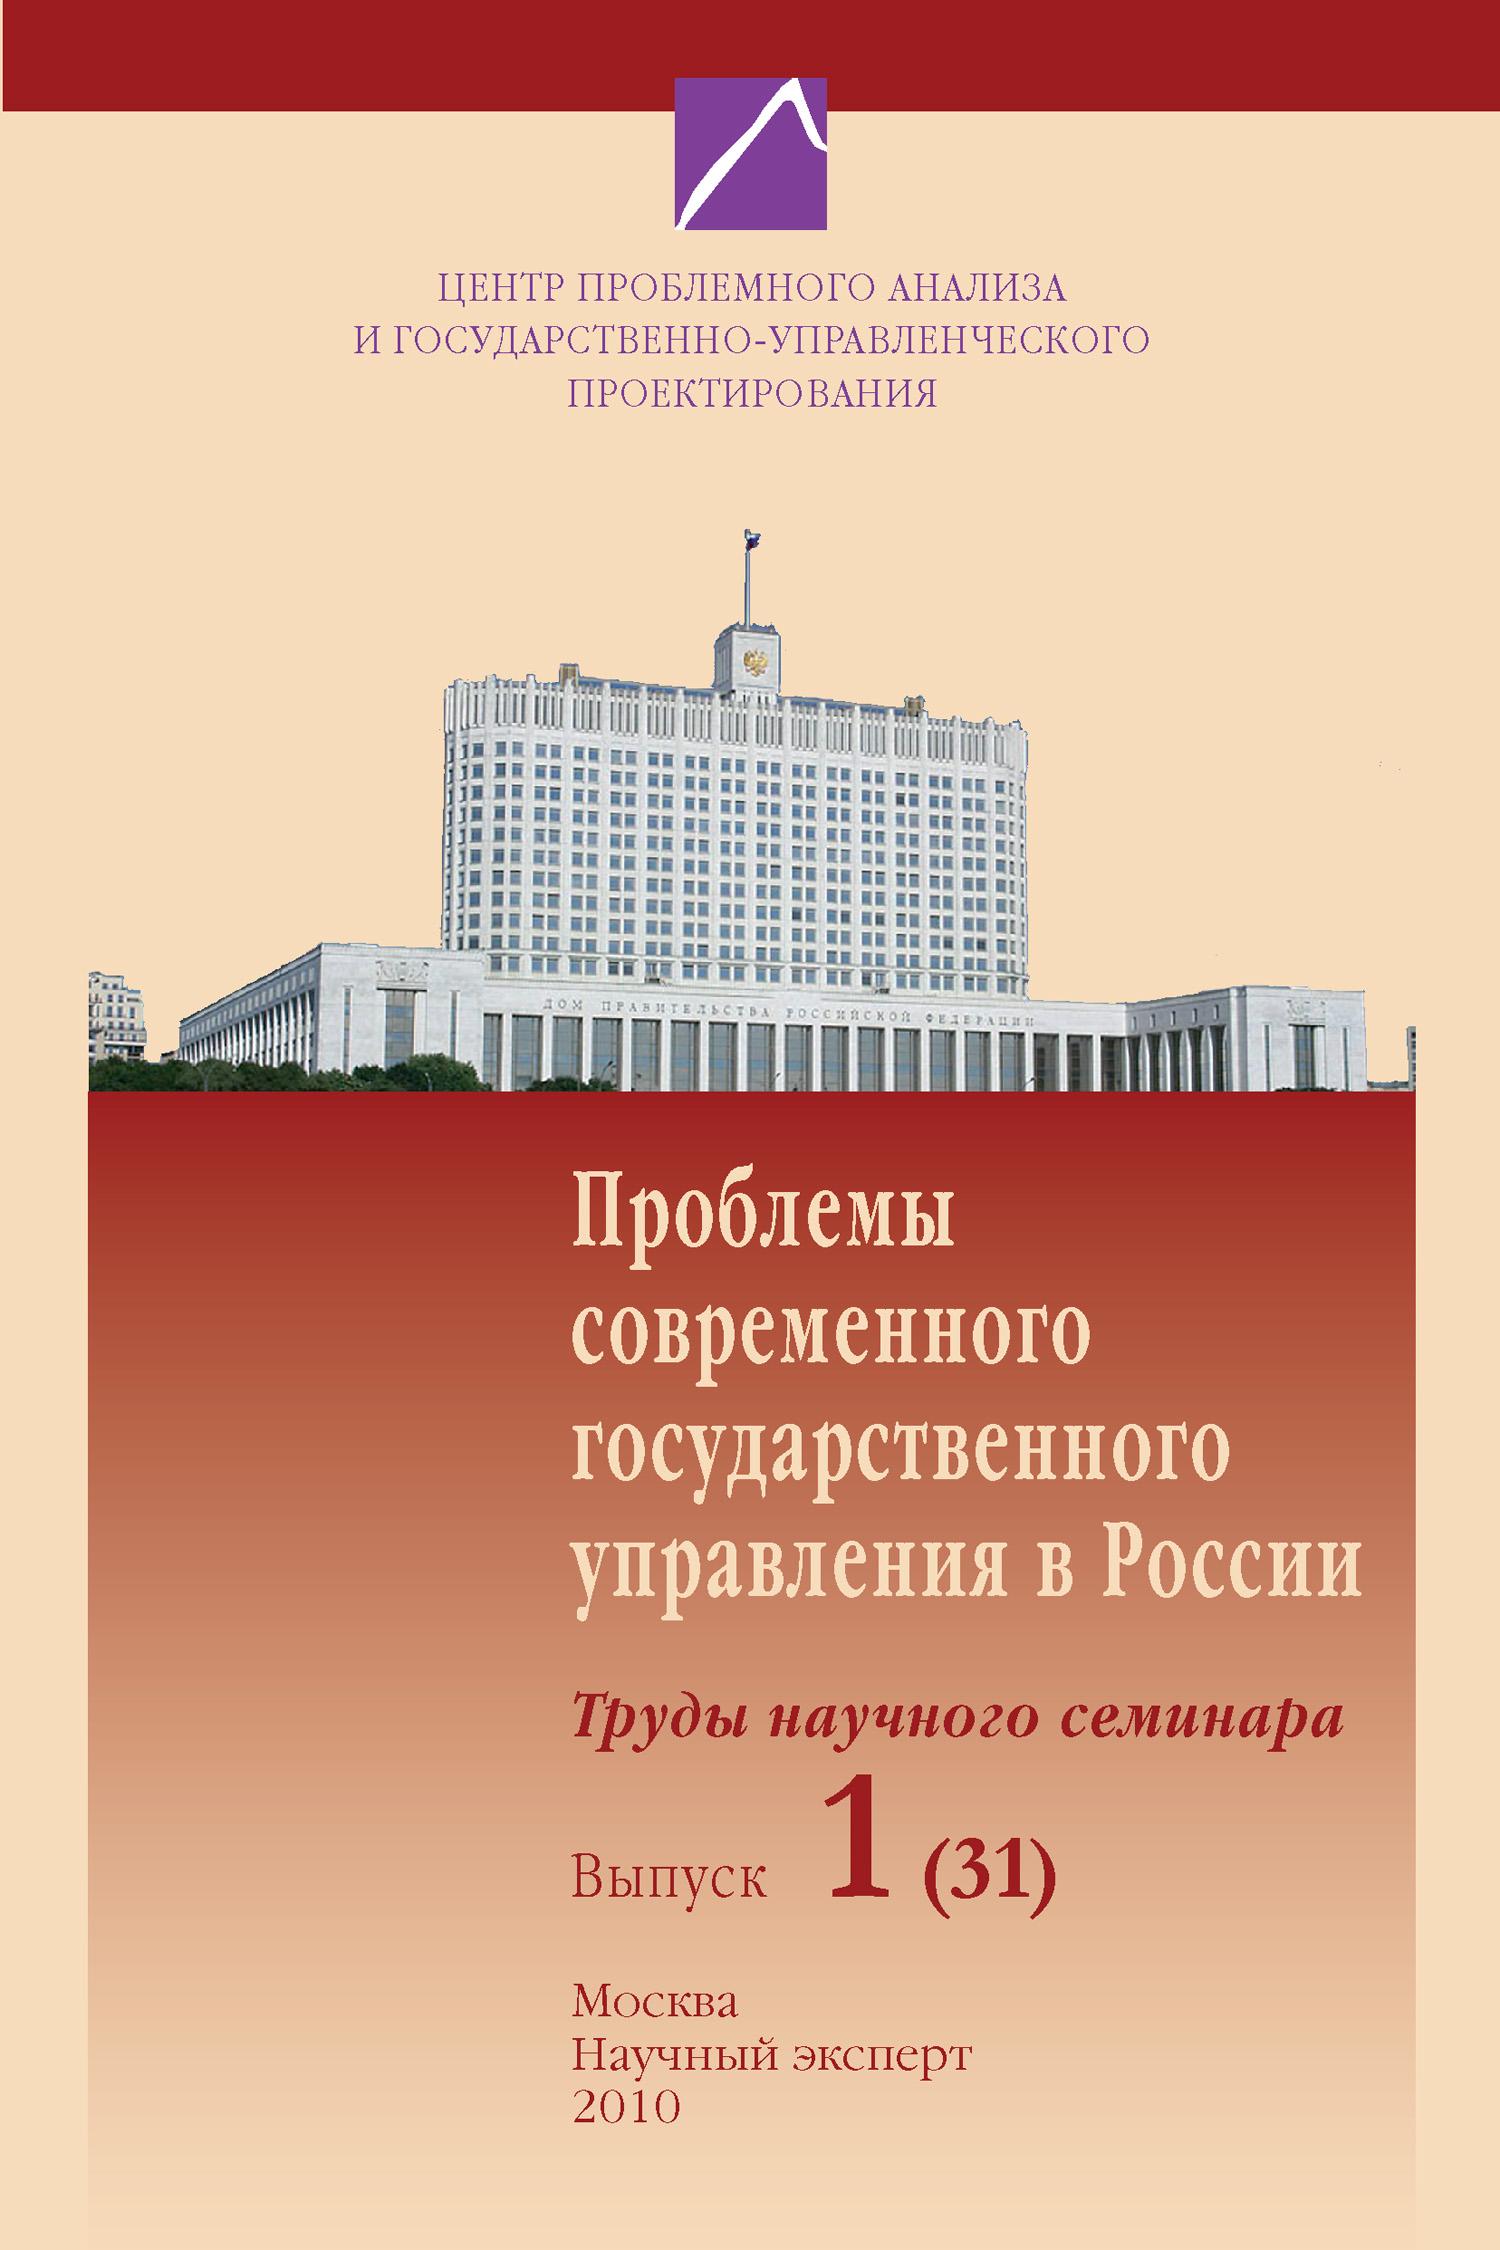 Проблемы современного государственного управления в России. Выпуск №1 (31), 2010